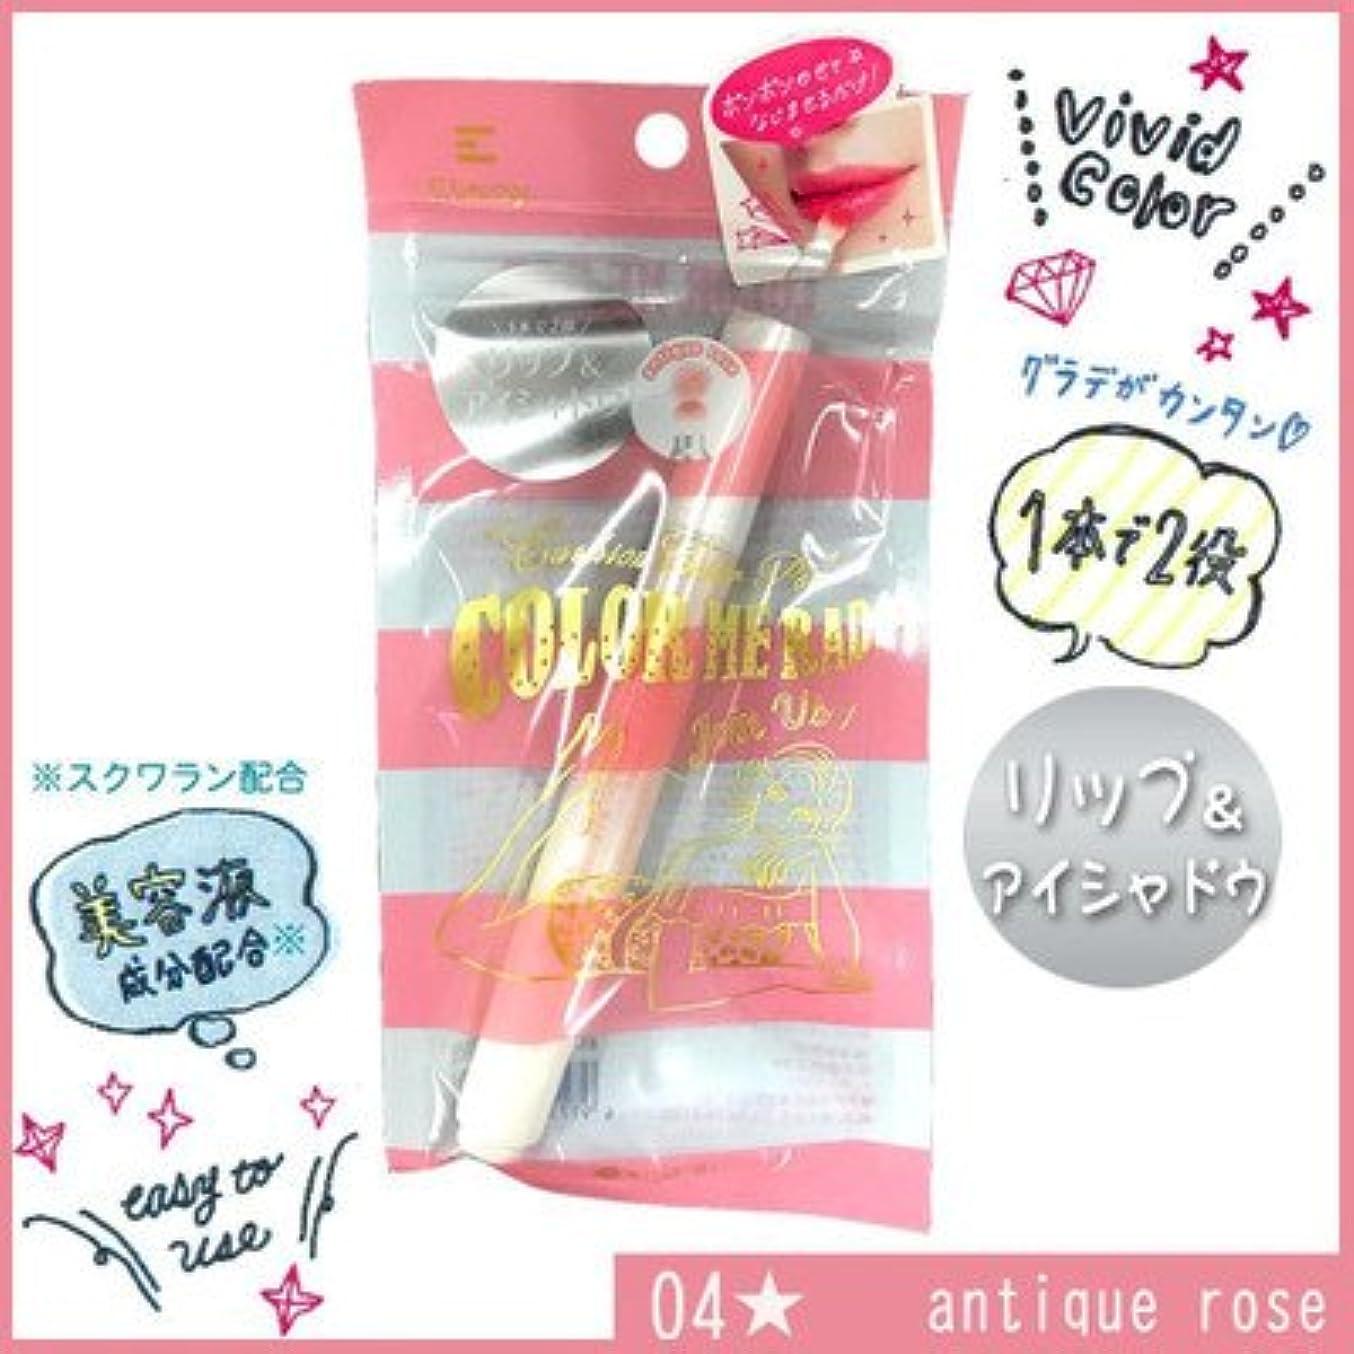 はげお金酸クッションチップでグラデも簡単 COLOR ME RAD クッションカラーぺン 04 リップカラー antique rose EL74250